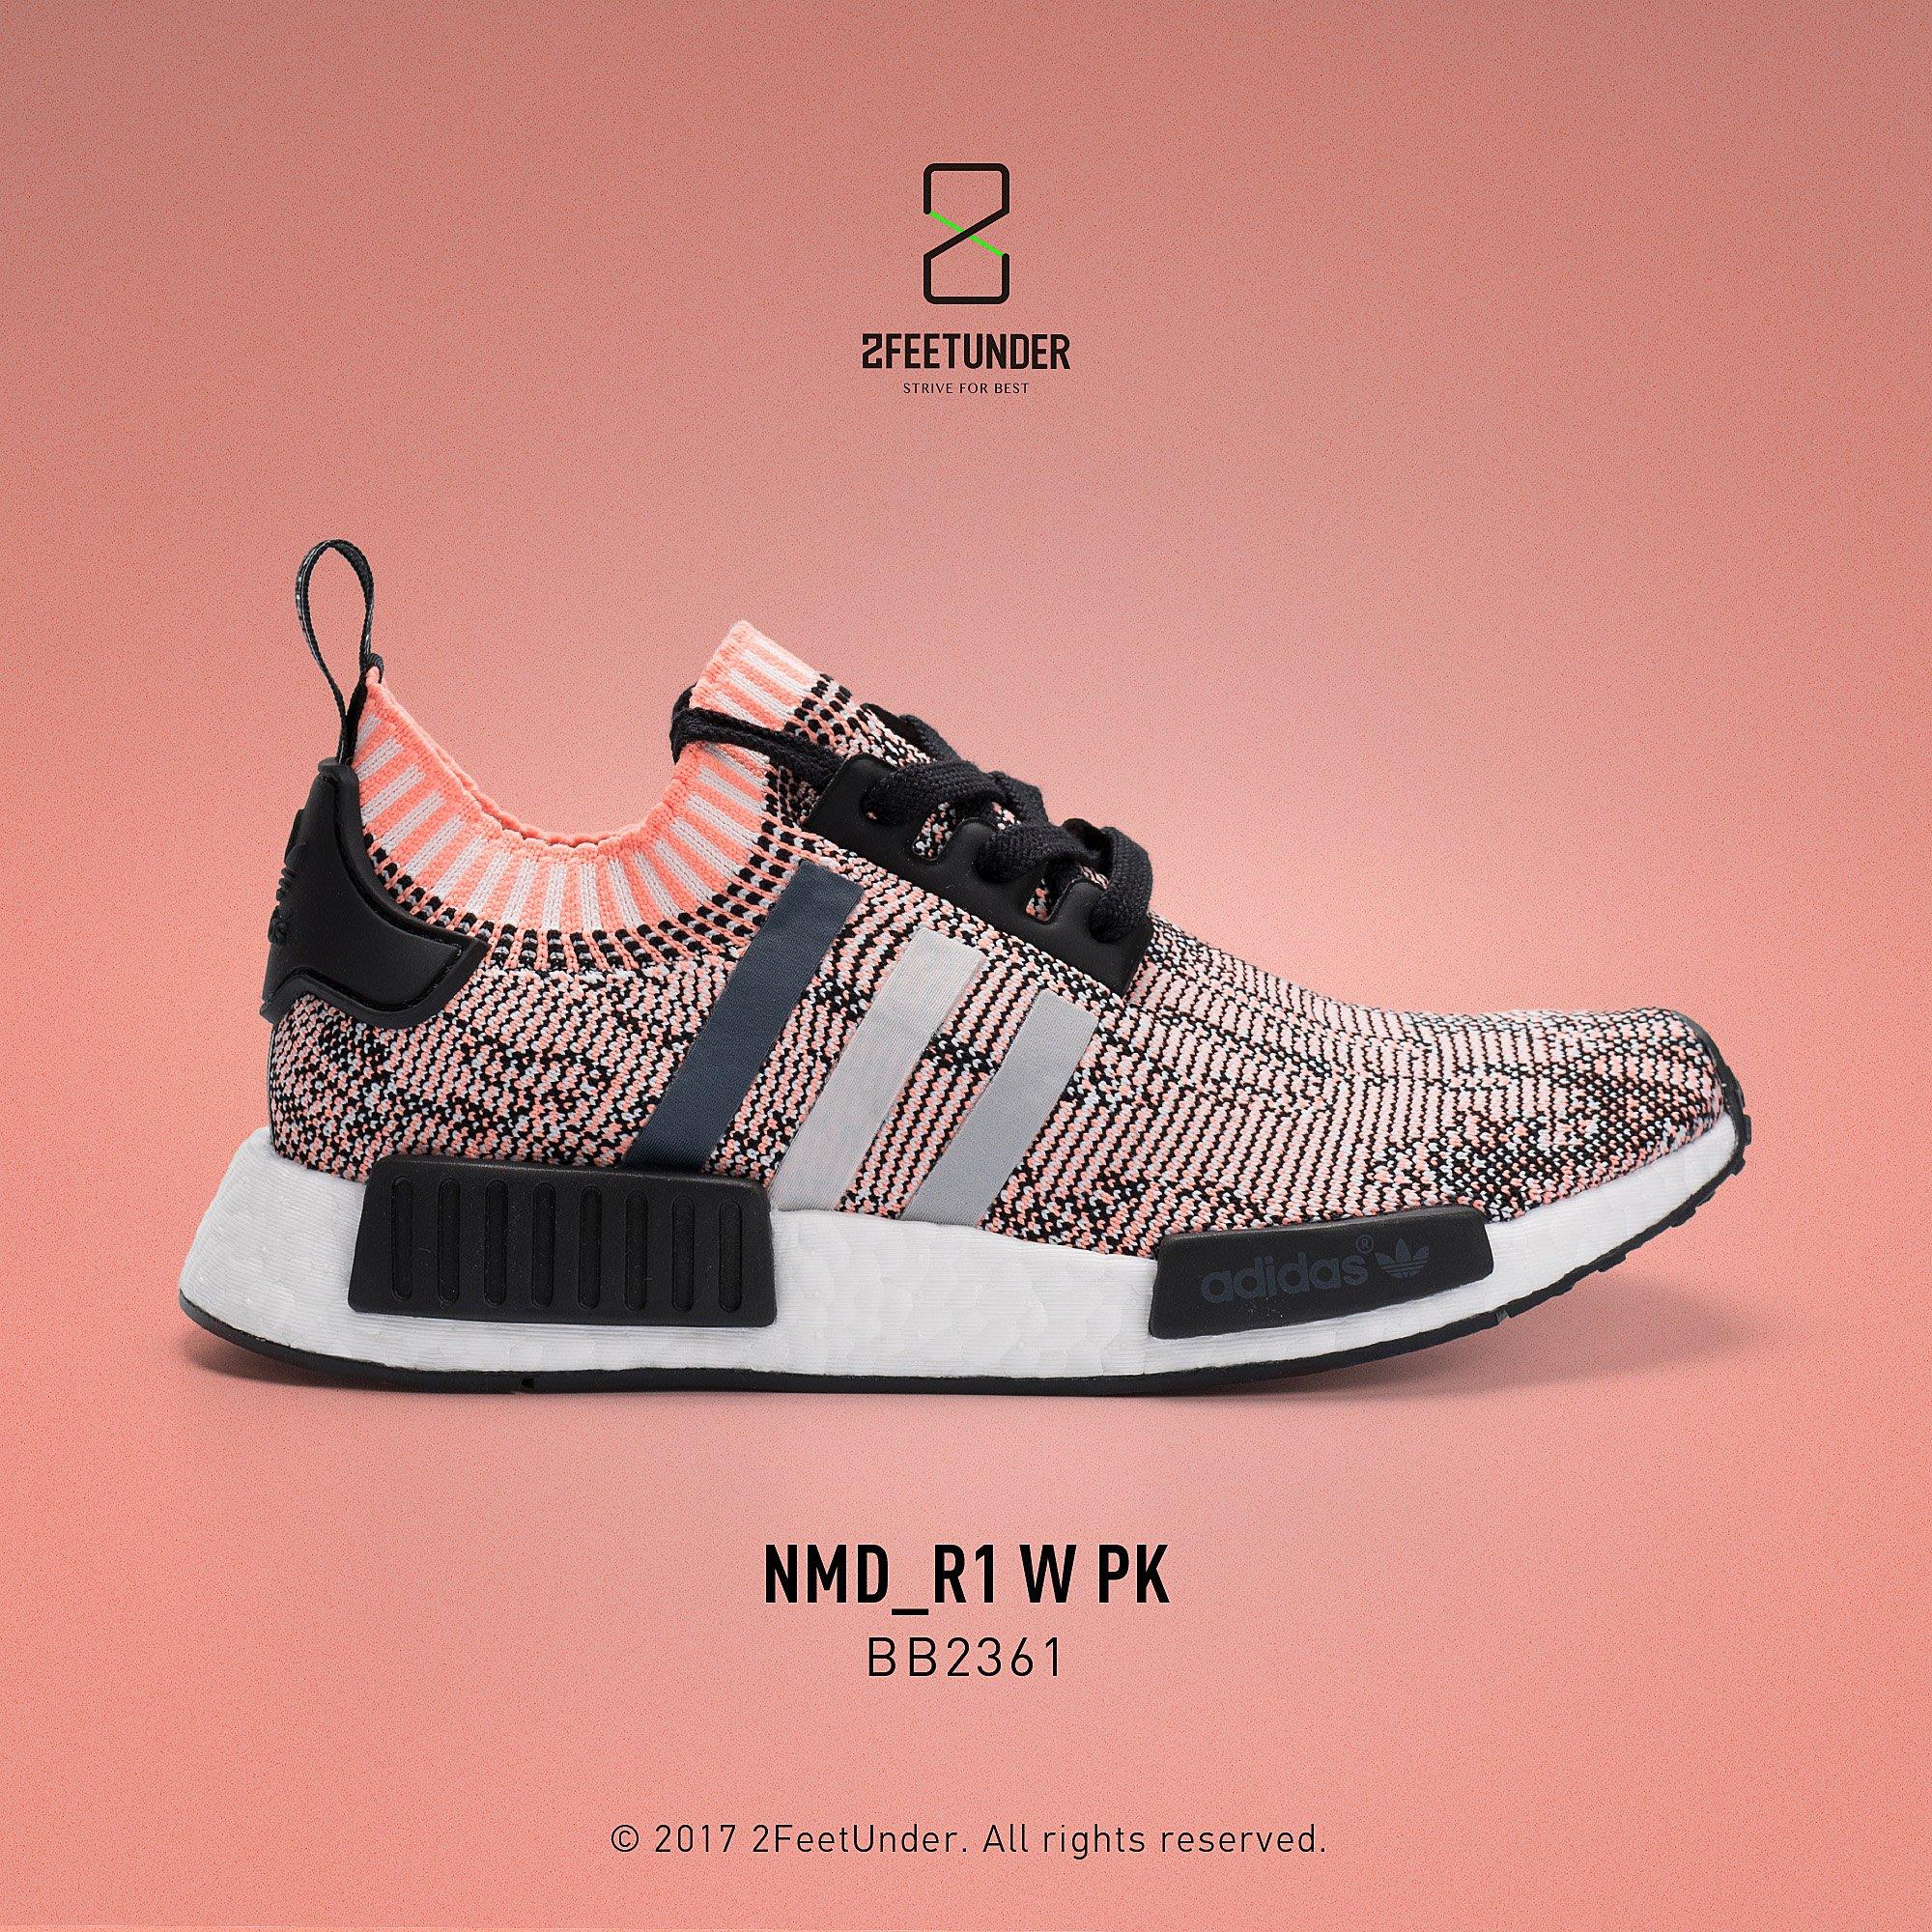 buy popular 8c191 370ff 2FeetUnder - Adidas Originals NMD_R1 PK W 黑粉編織 BB2361